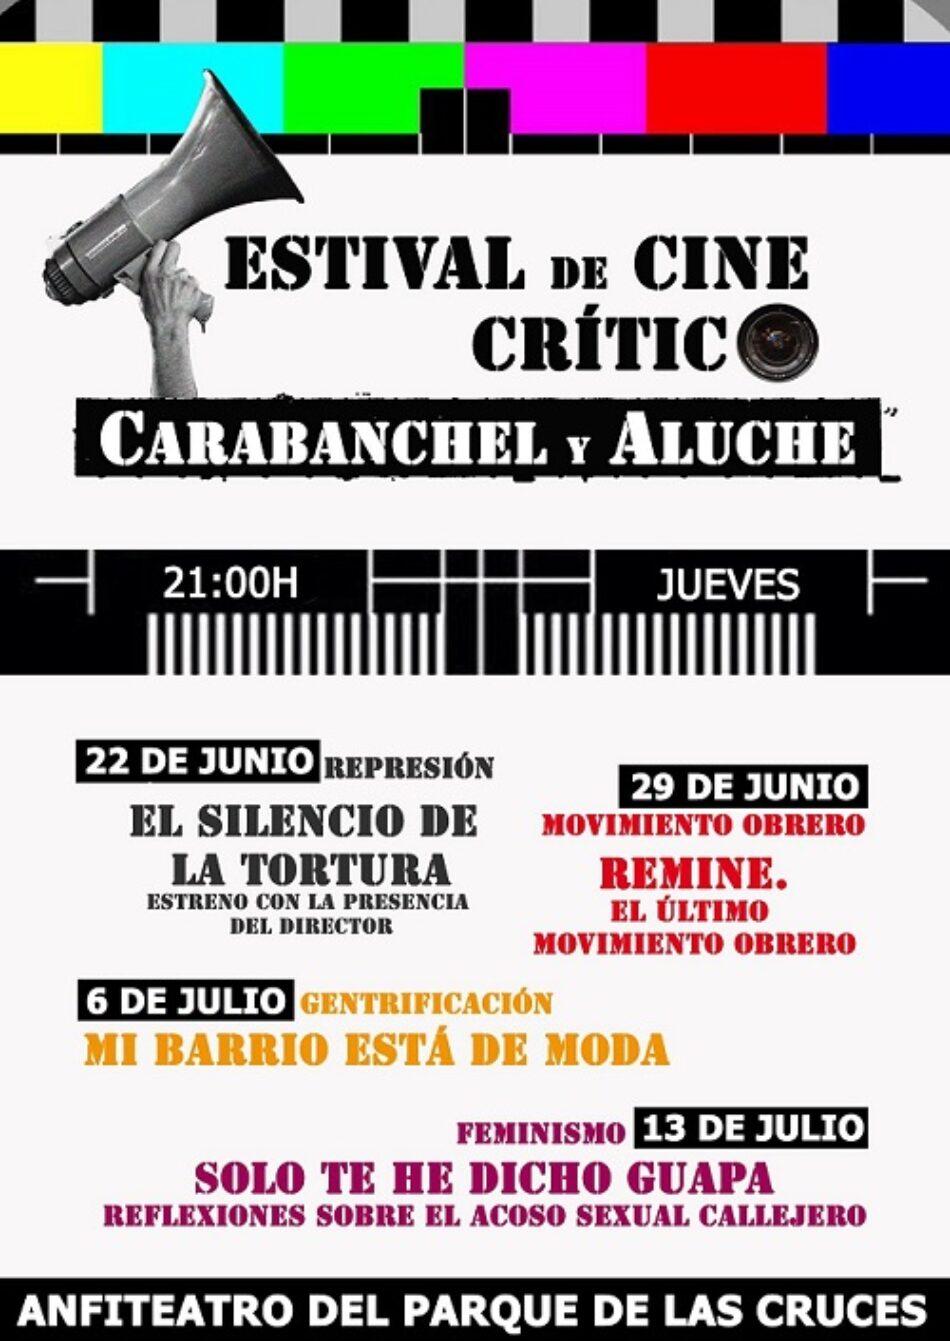 Nace el Festival de Cine Crítico de Carabanchel y Aluche